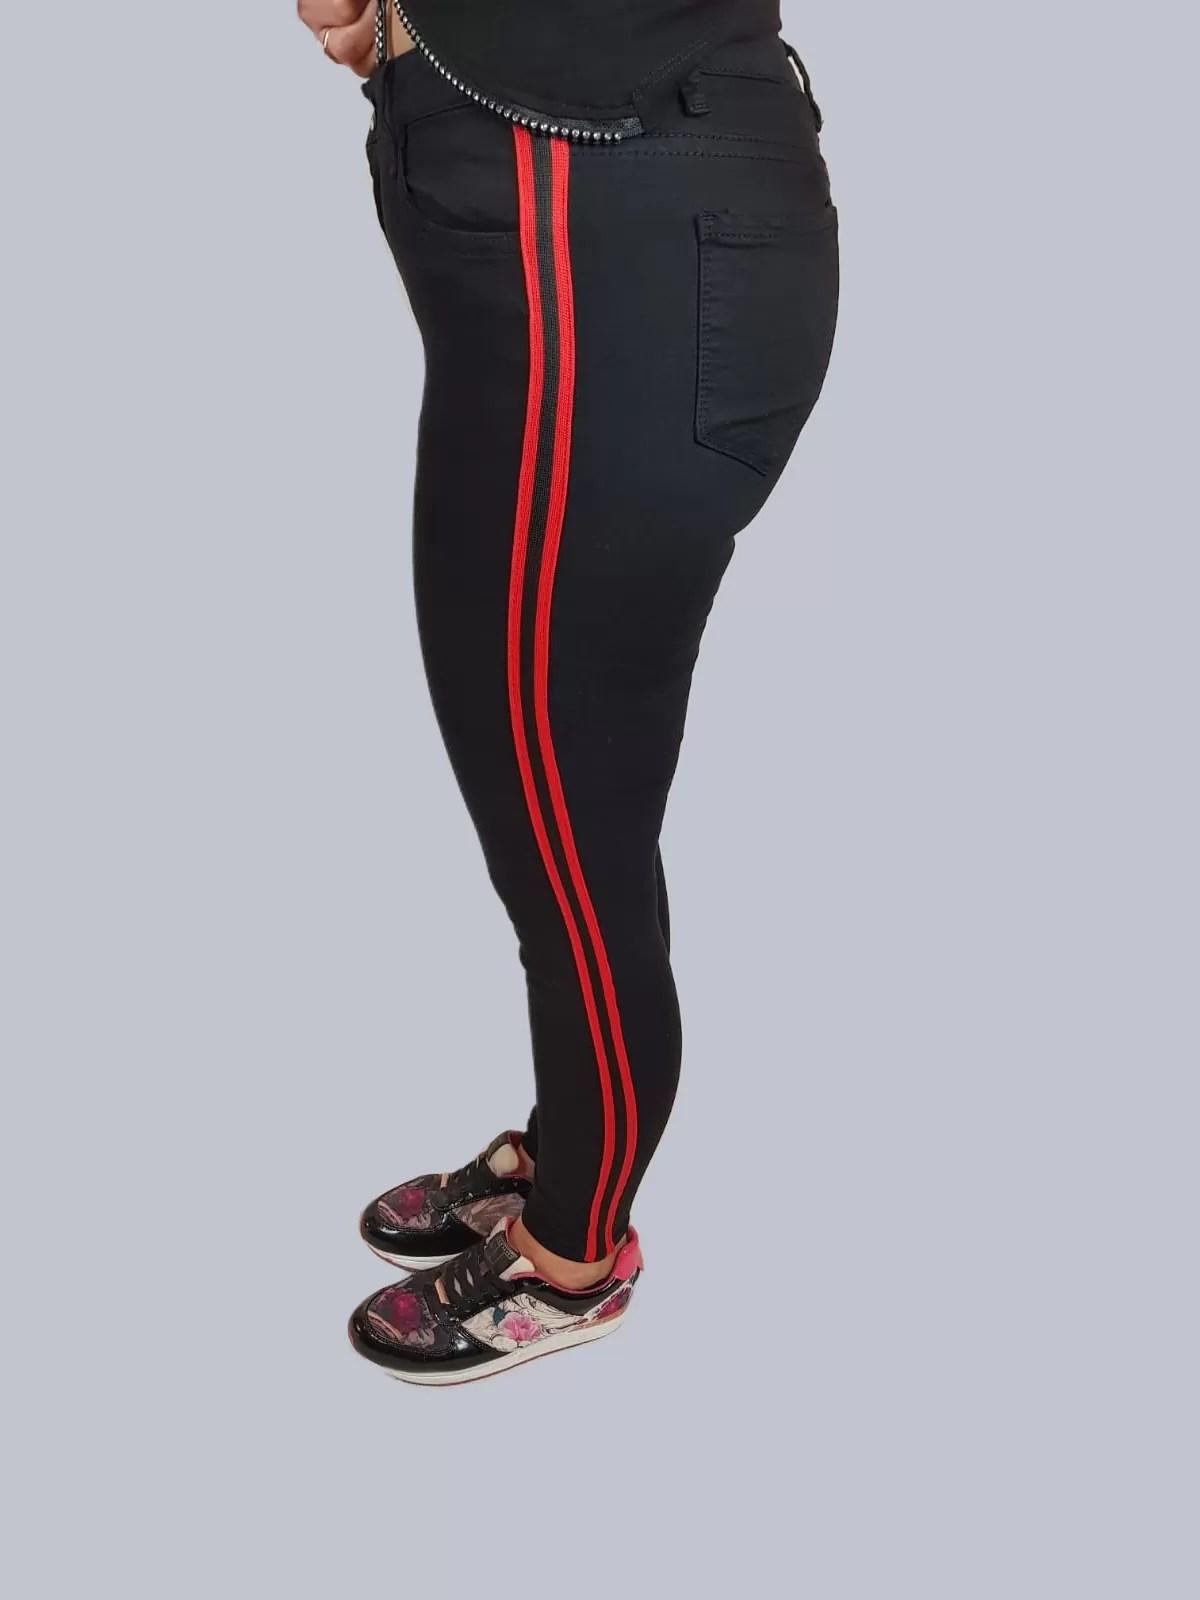 1f84a30fd69 Zwarte Strech Broek Met Rode Streep